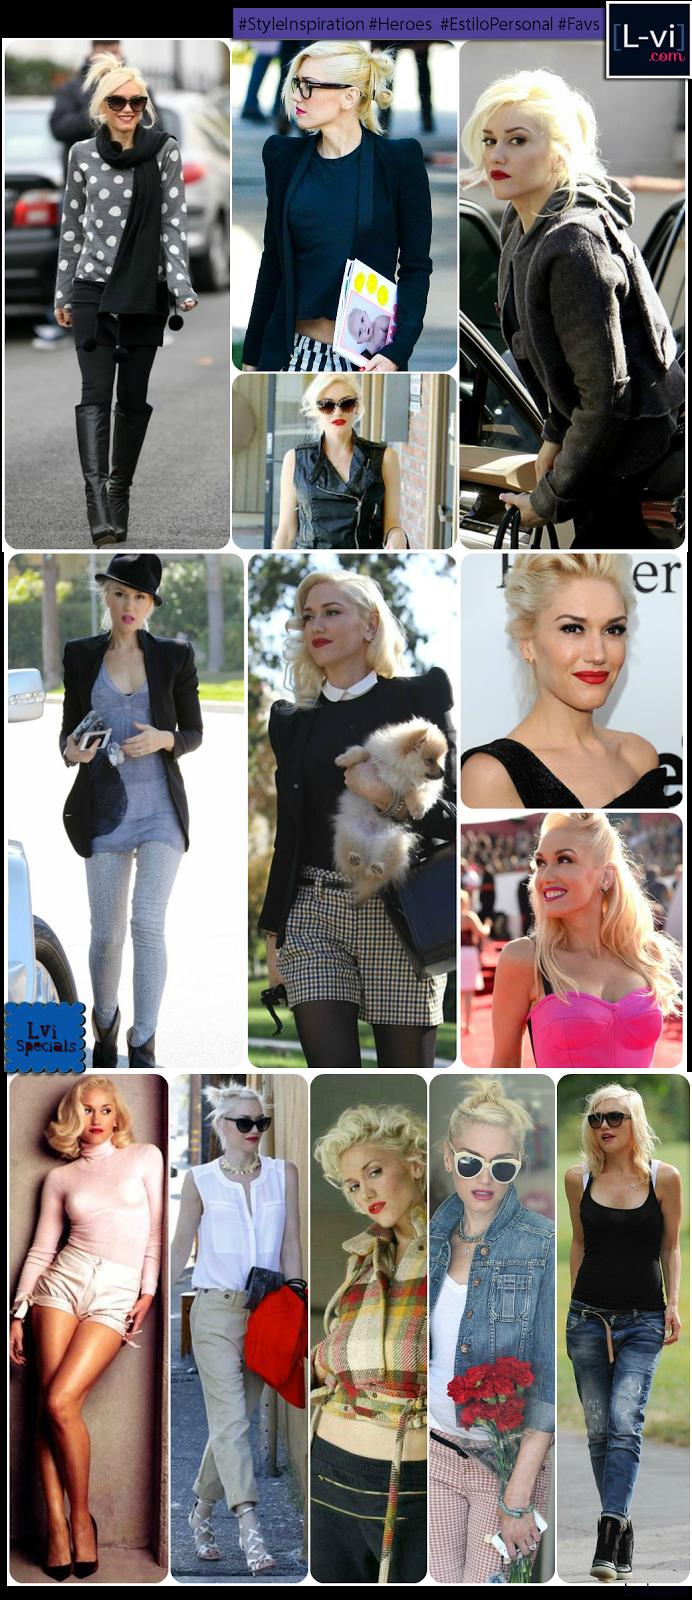 [Style Inspiration]: Gwen Stefani / Estilo que inspira:  L-vi.com